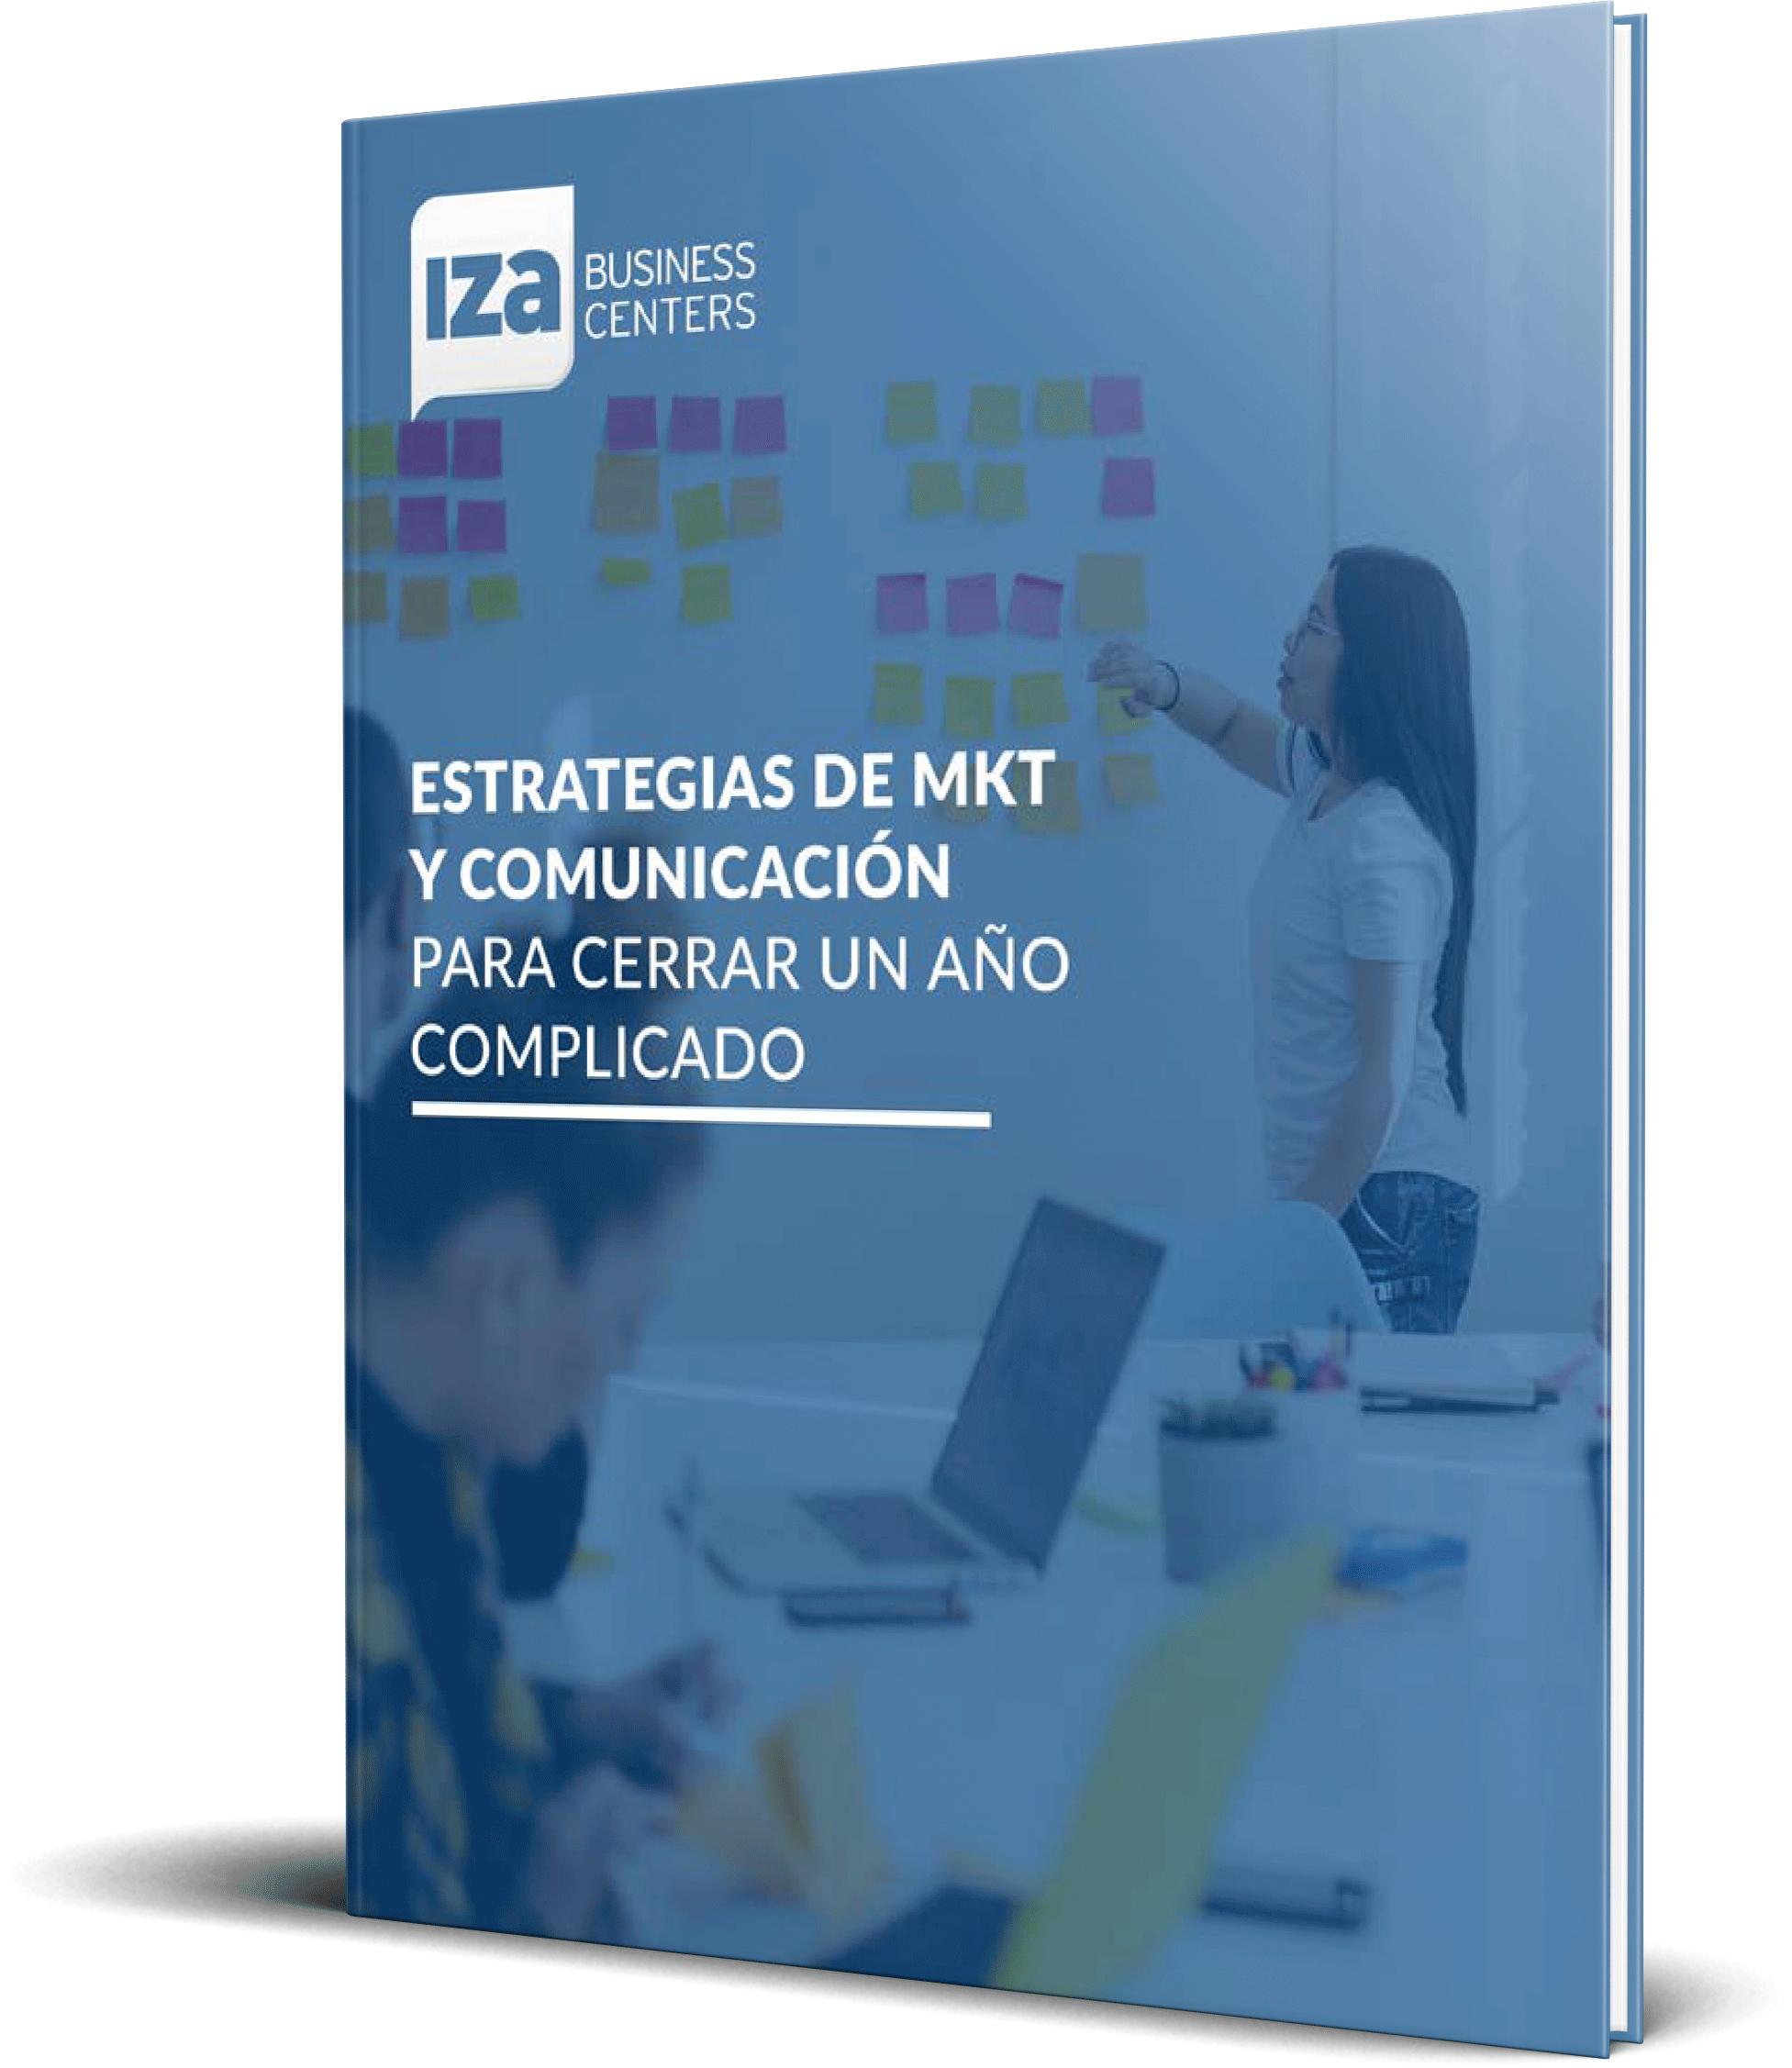 estrategias-de-mkt-y-comunicacion-izabc